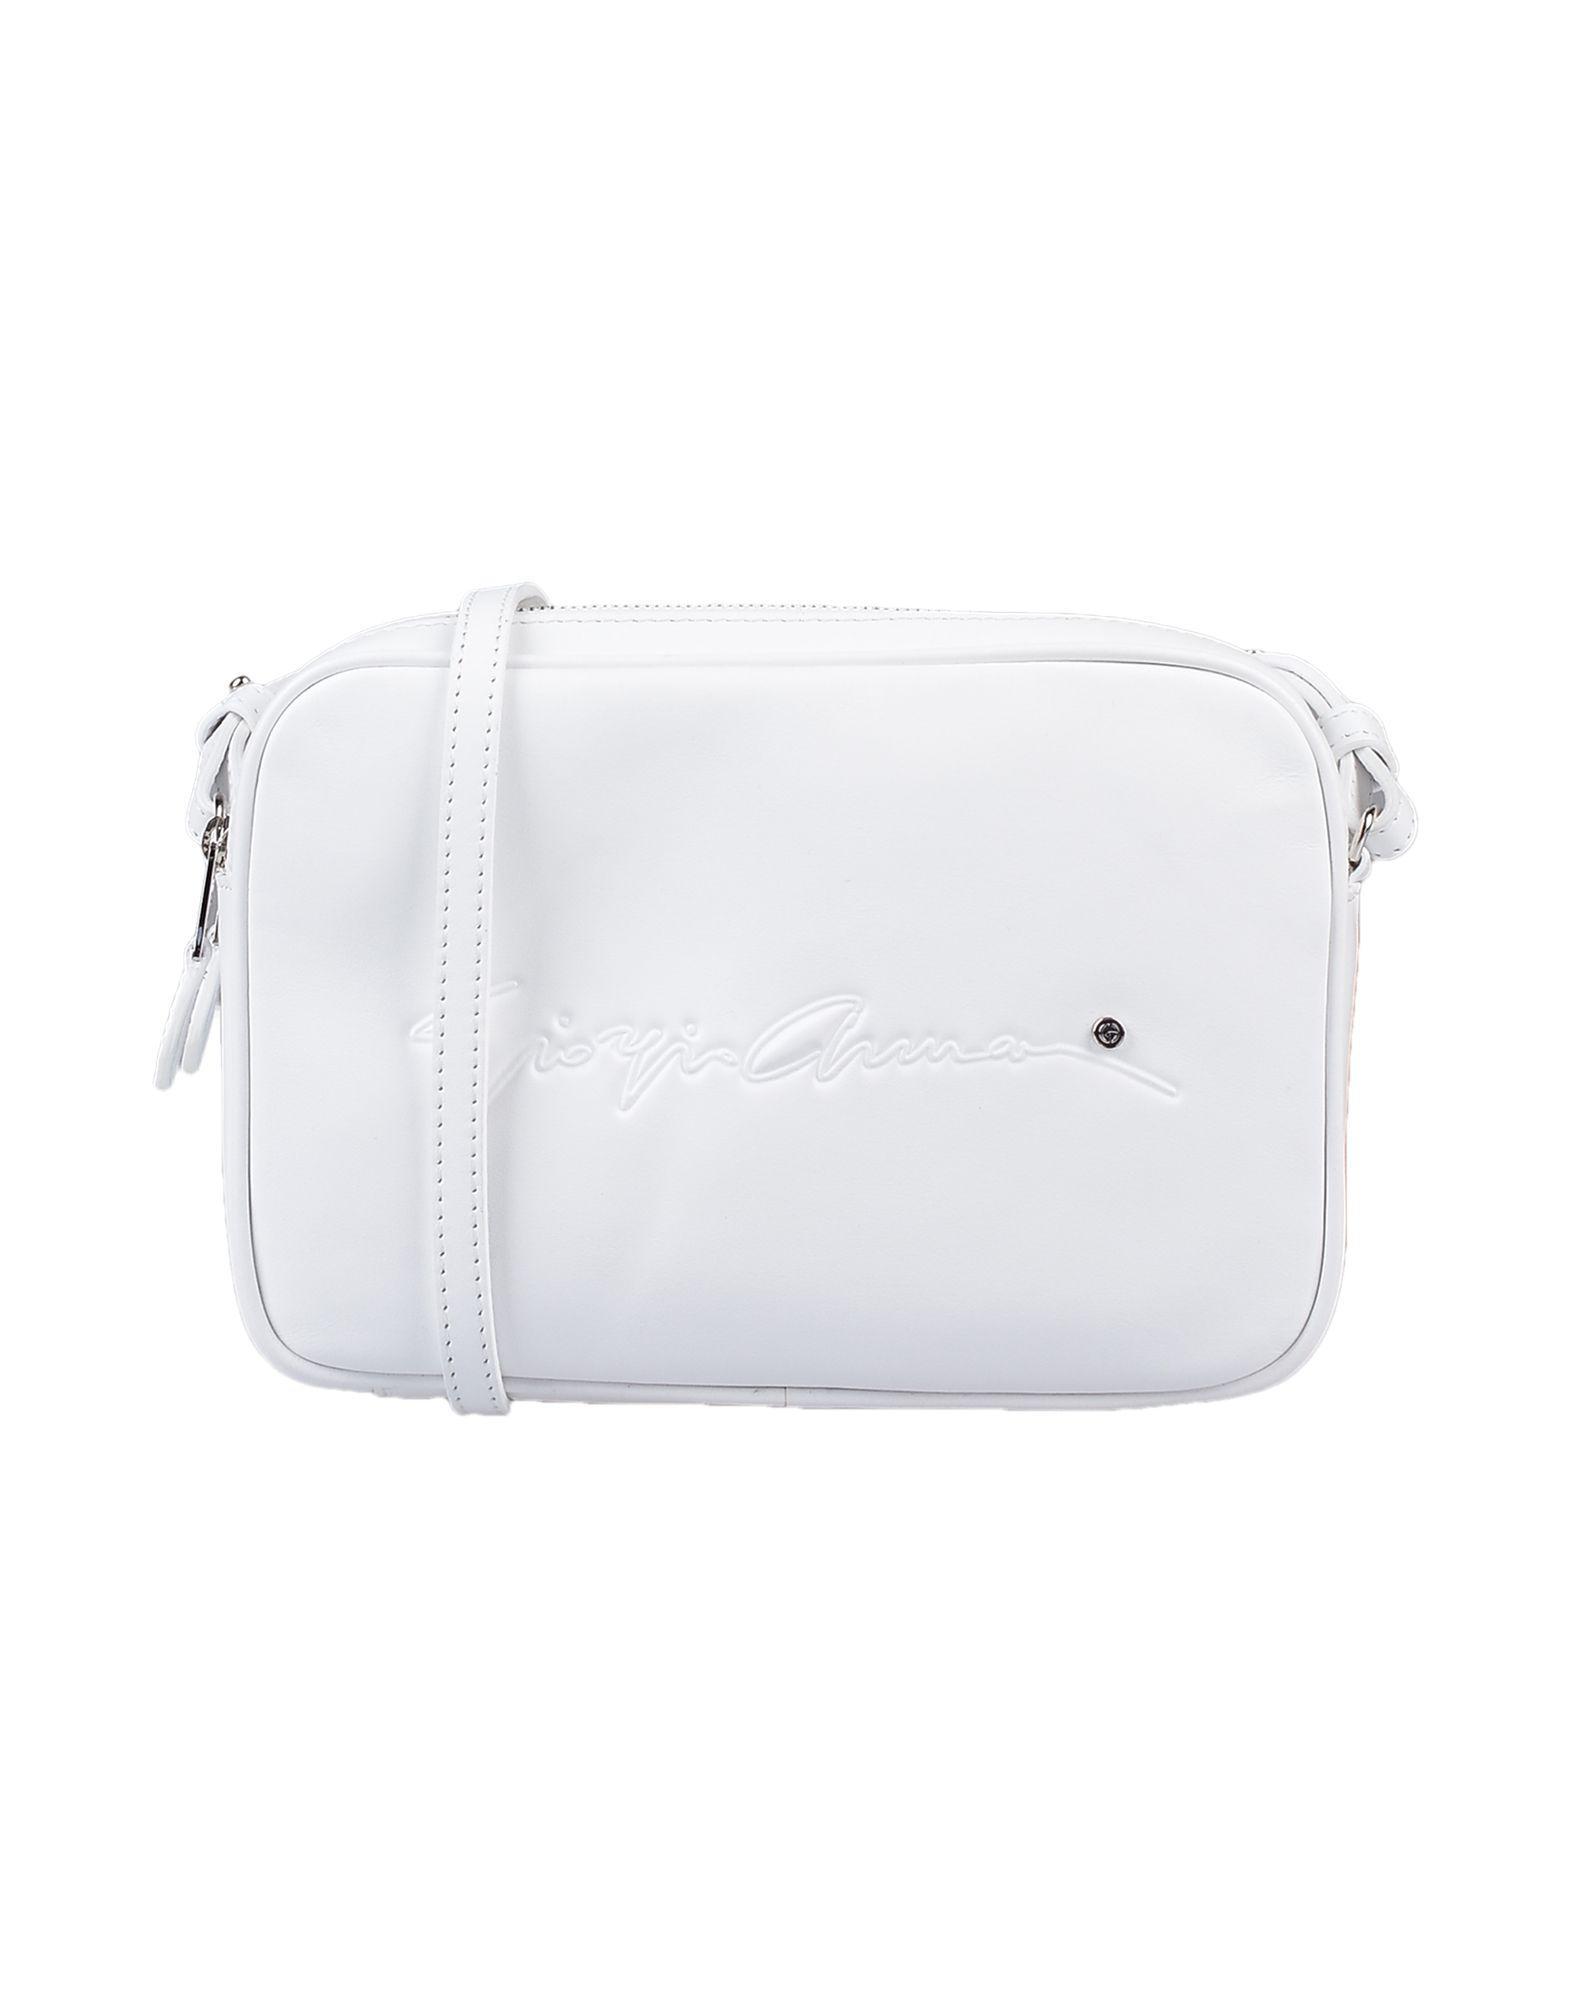 Giorgio Armani Cross-body Bag in White - Lyst 1805943d03